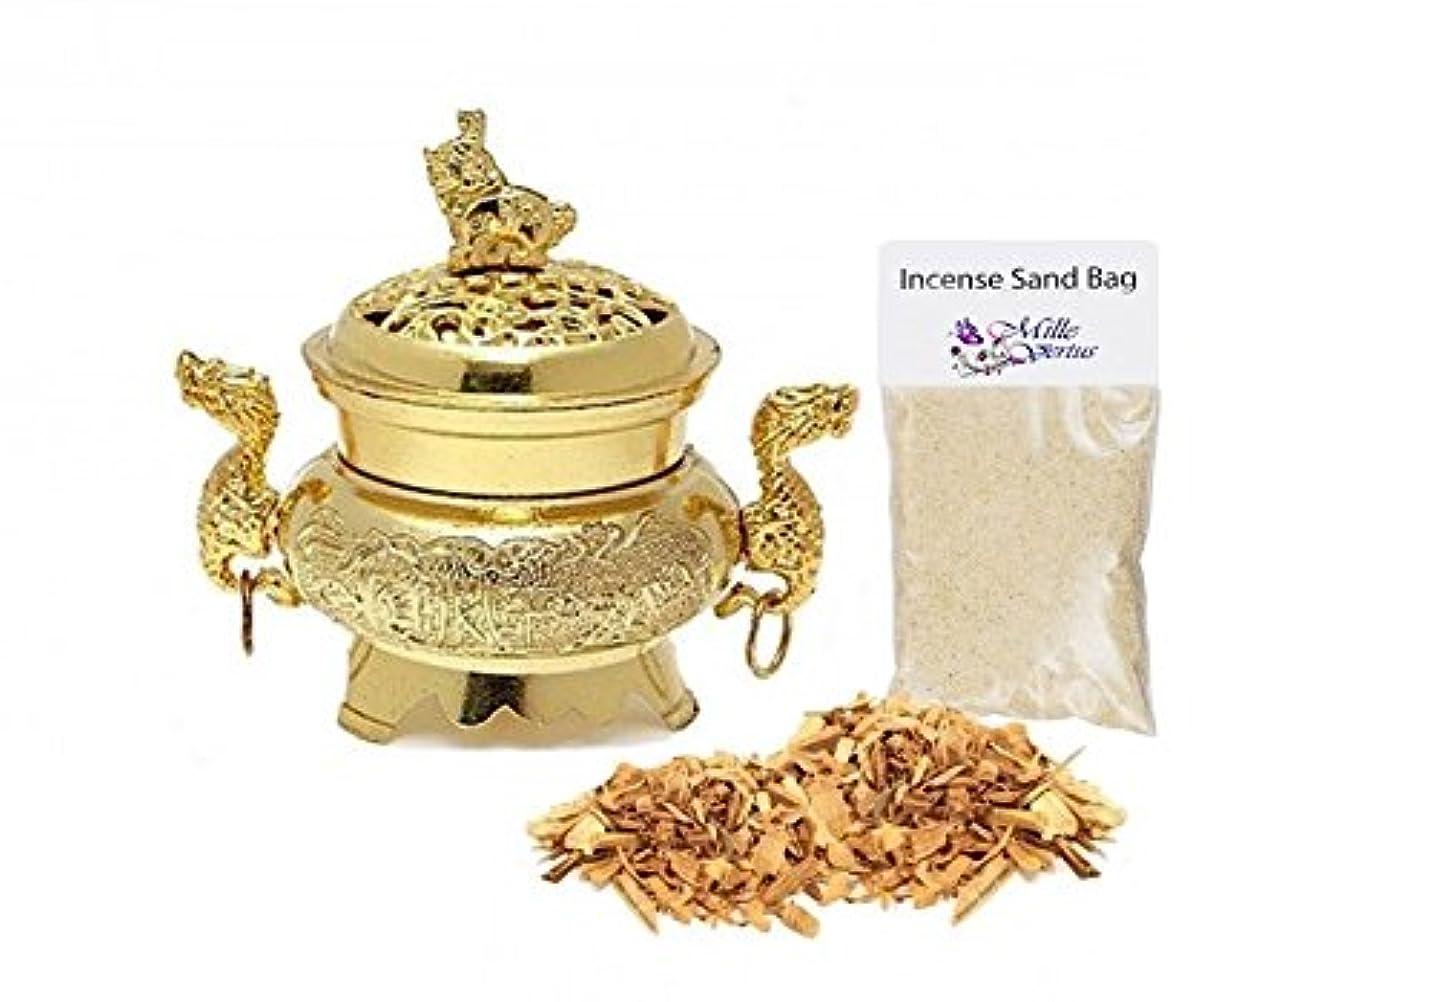 飲み込む醸造所戦いダブルドラゴン香炉ホルダーwith Palo SantoウッドIncense Burningキット(ゴールド)